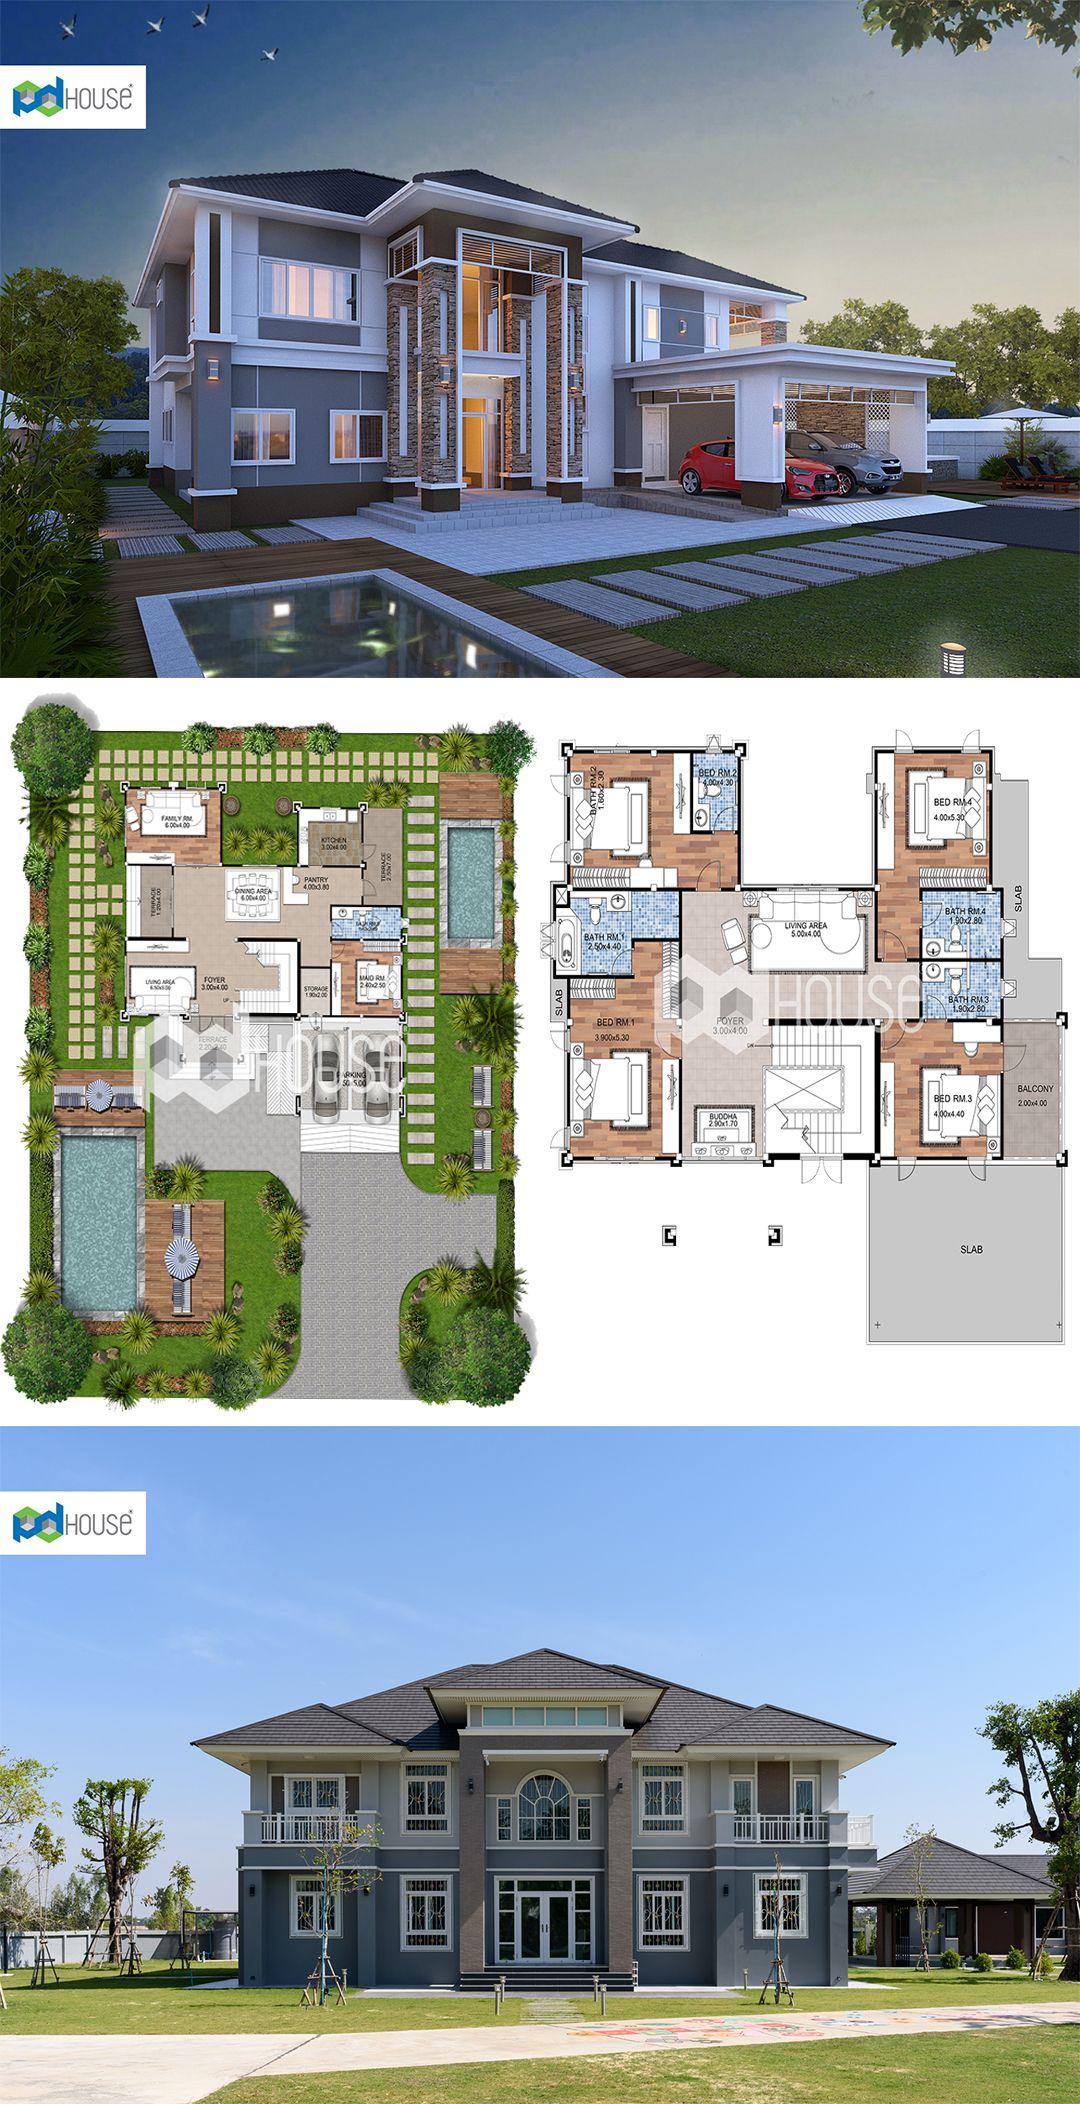 House plan ME 123